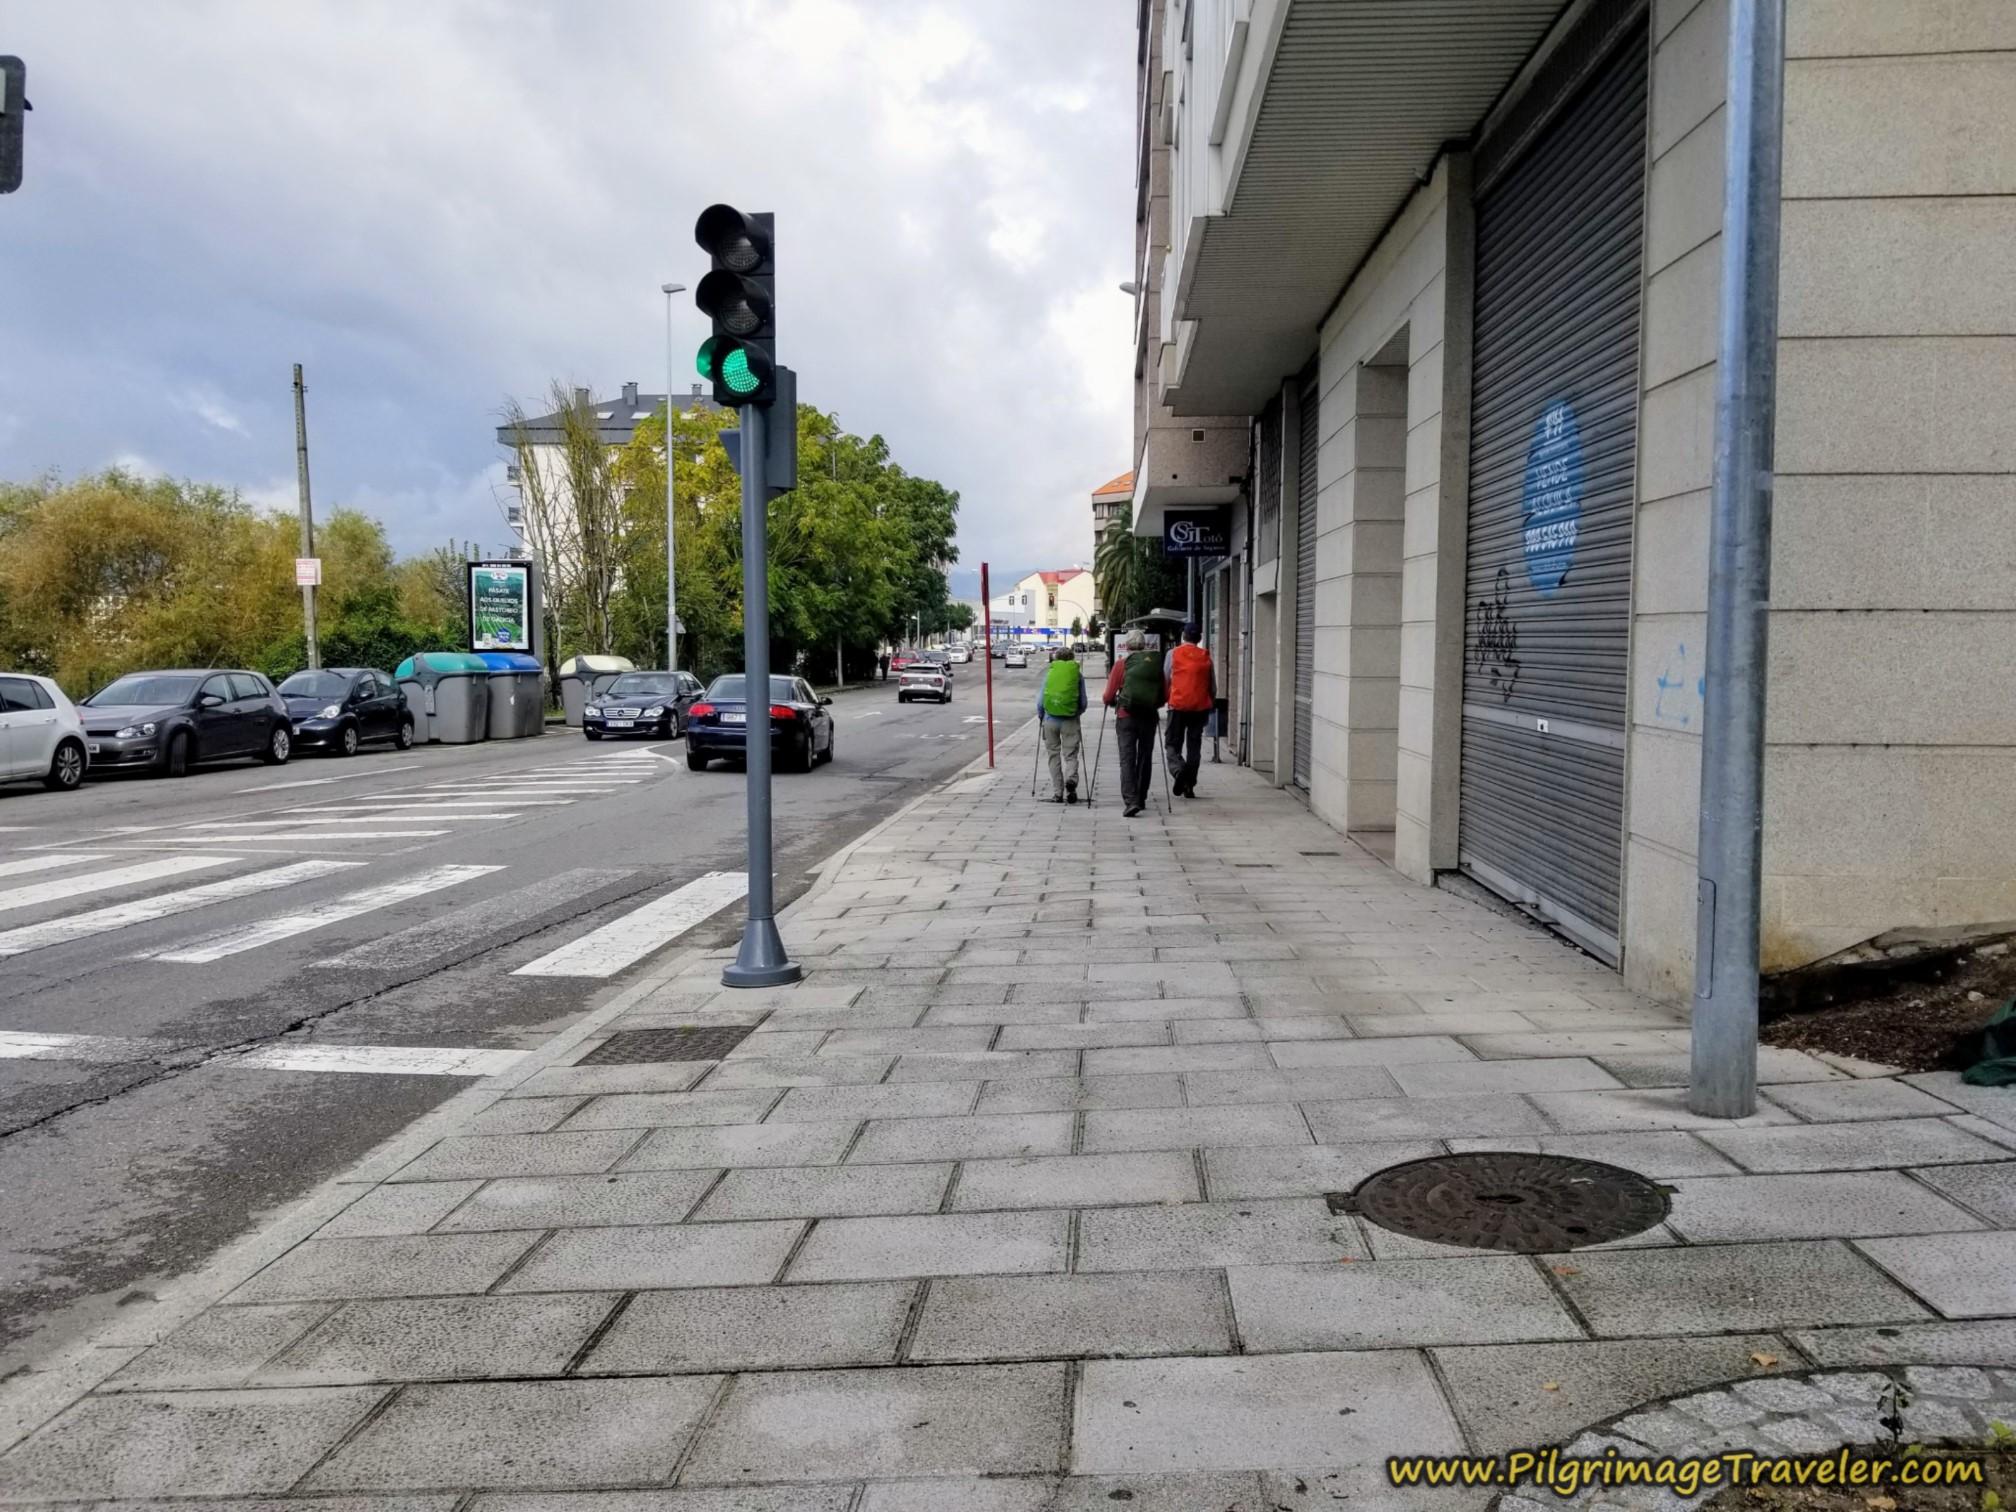 Along the Avenida de Zamora